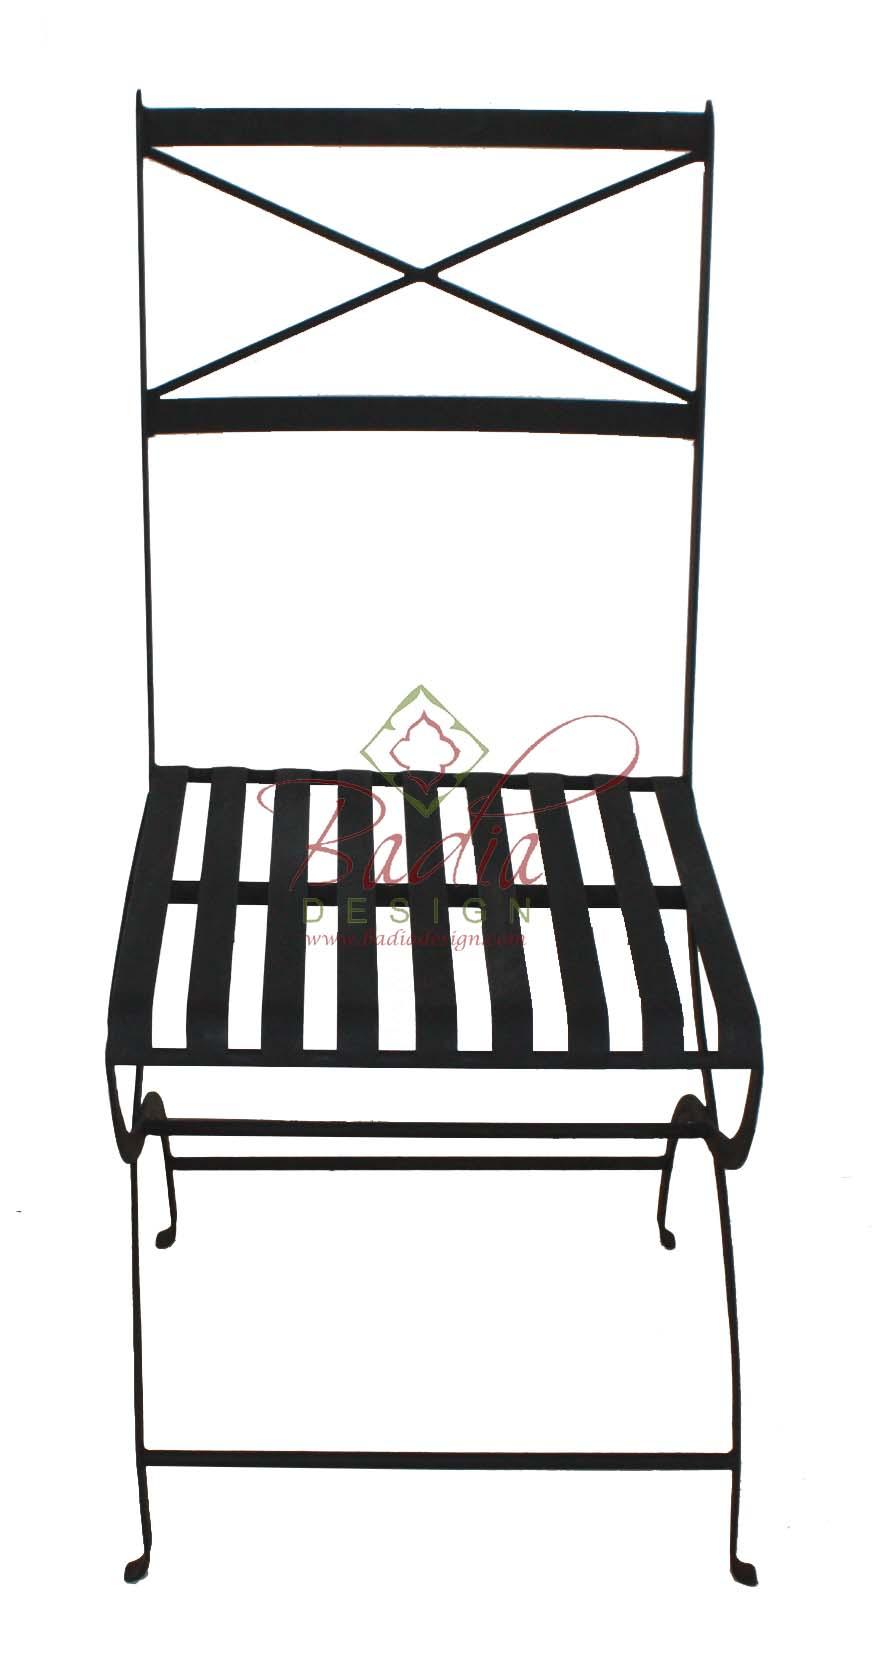 handmade-wrought-iron-chair-ic028-1.jpg